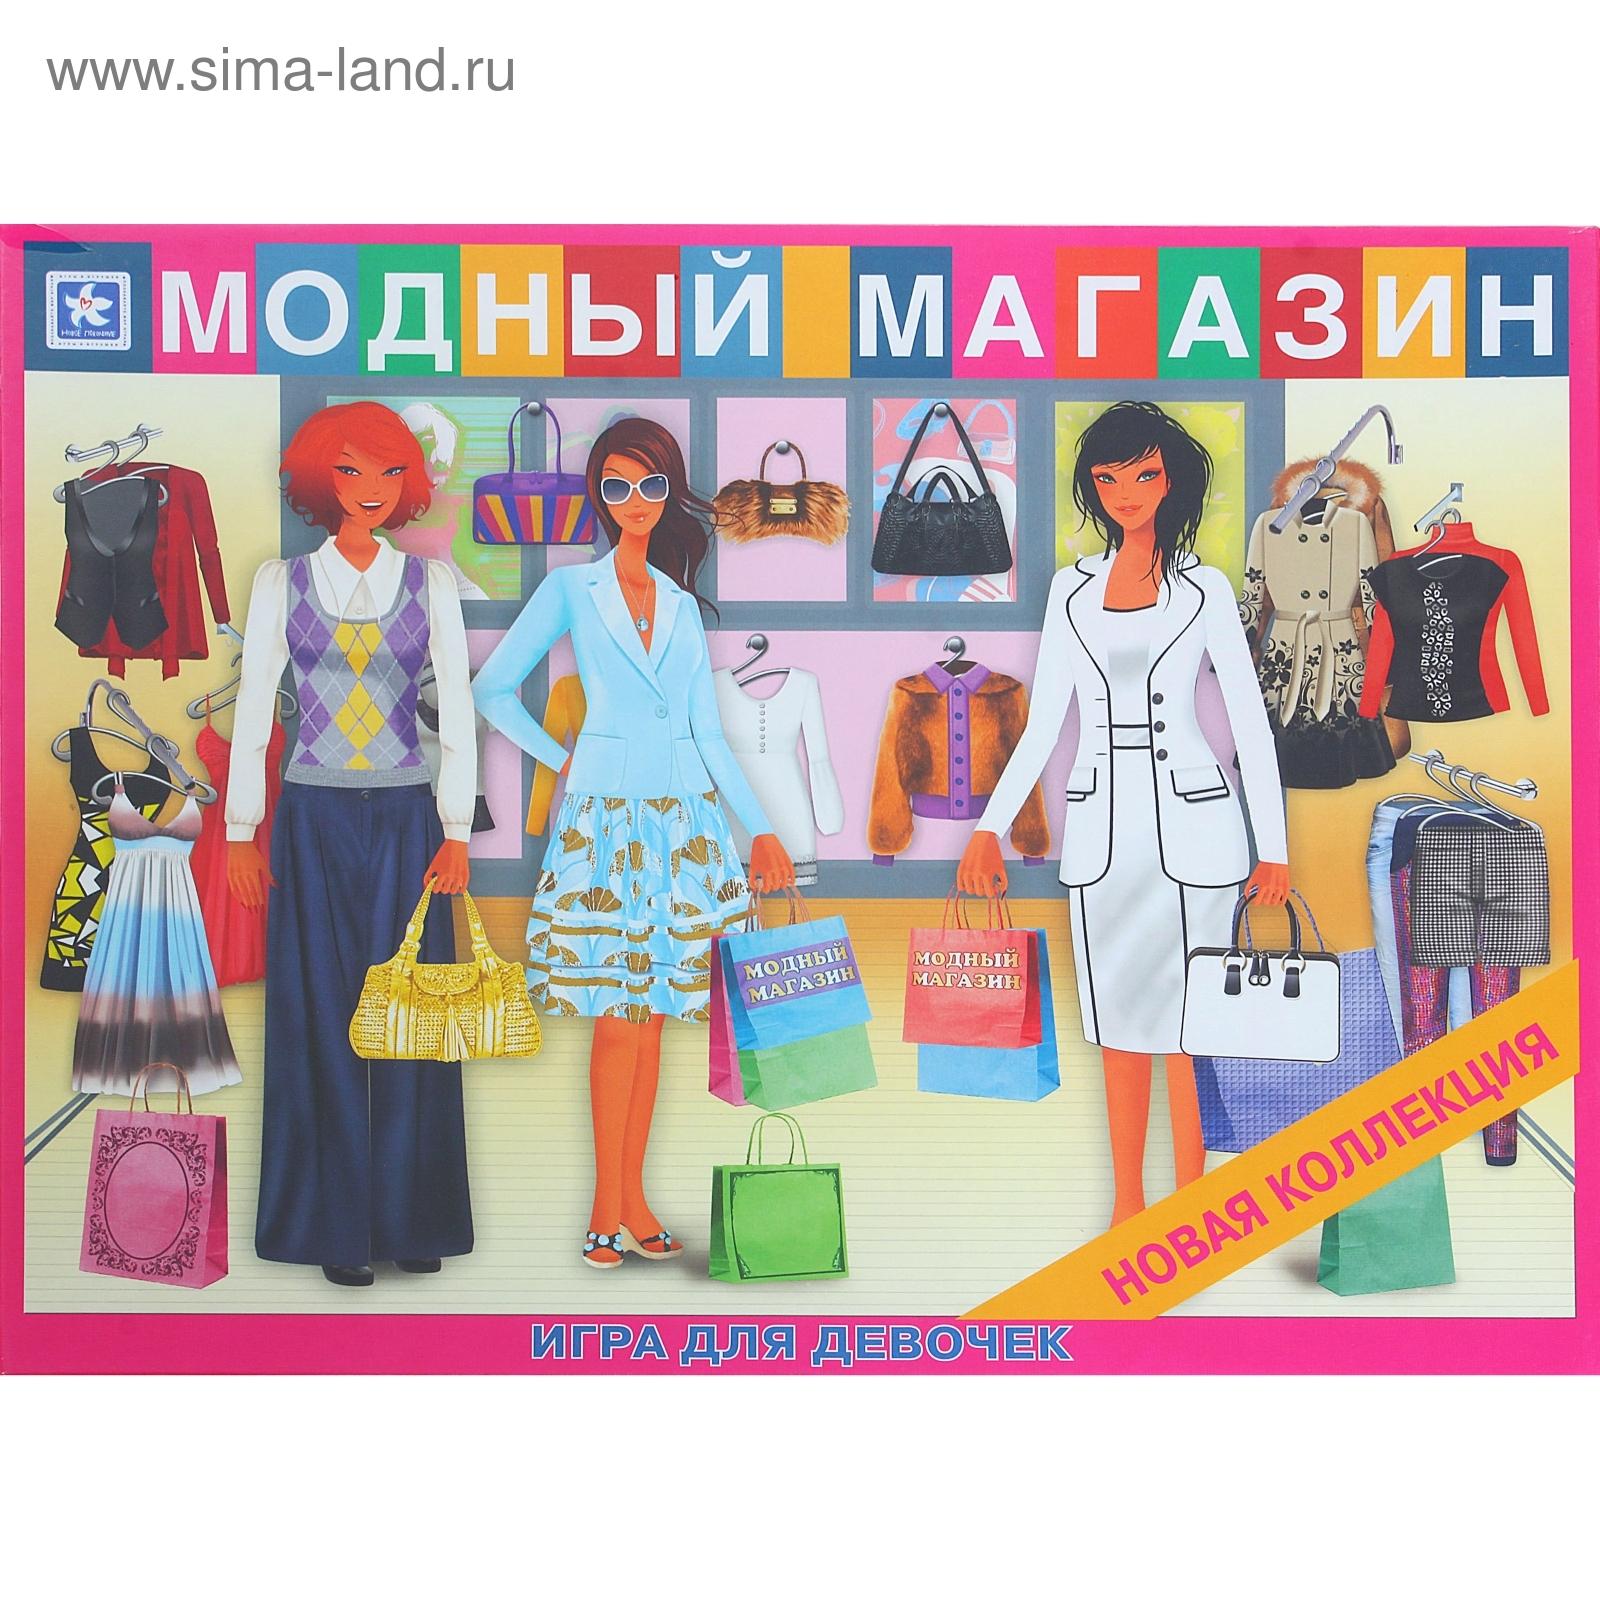 1a9667718a3a Настольная игра «Модный магазин» (1091861) - Купить по цене от ...